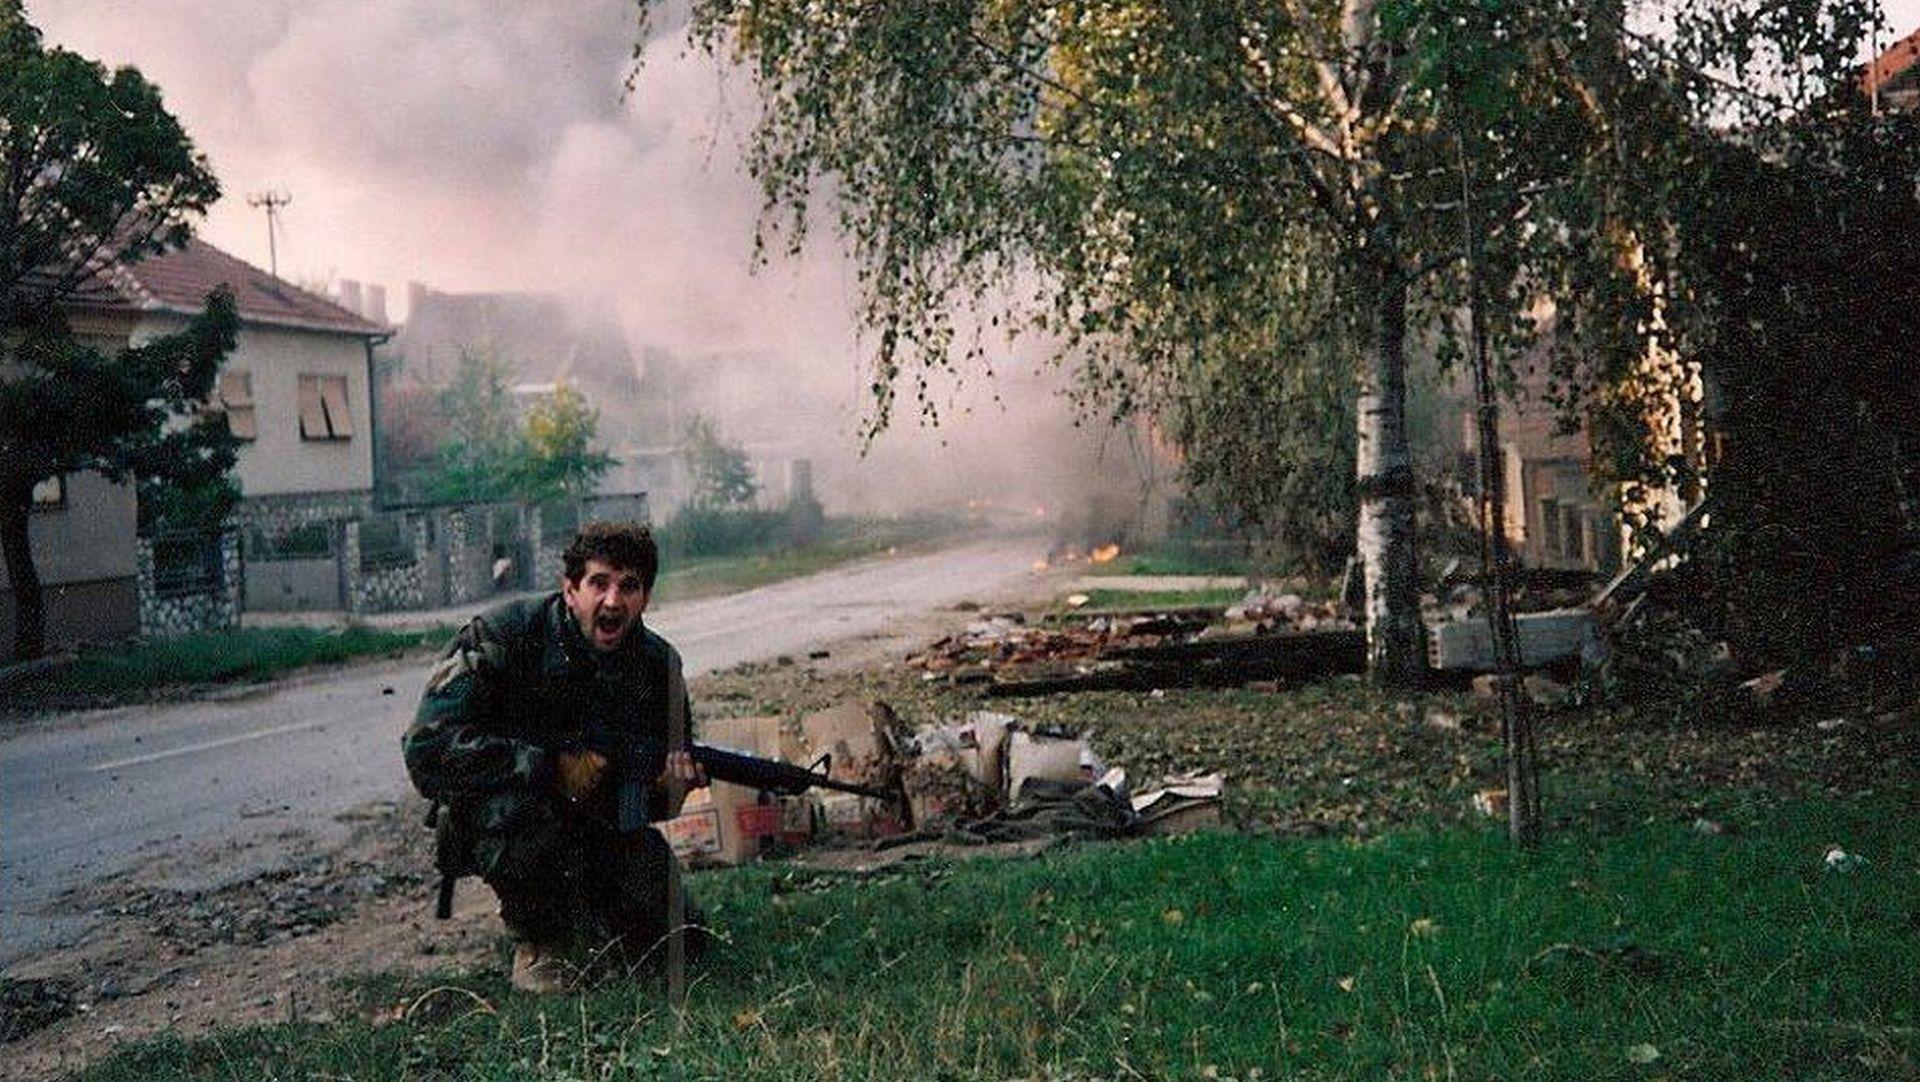 Obilježena 27. obljetnica proboja za Vukovar